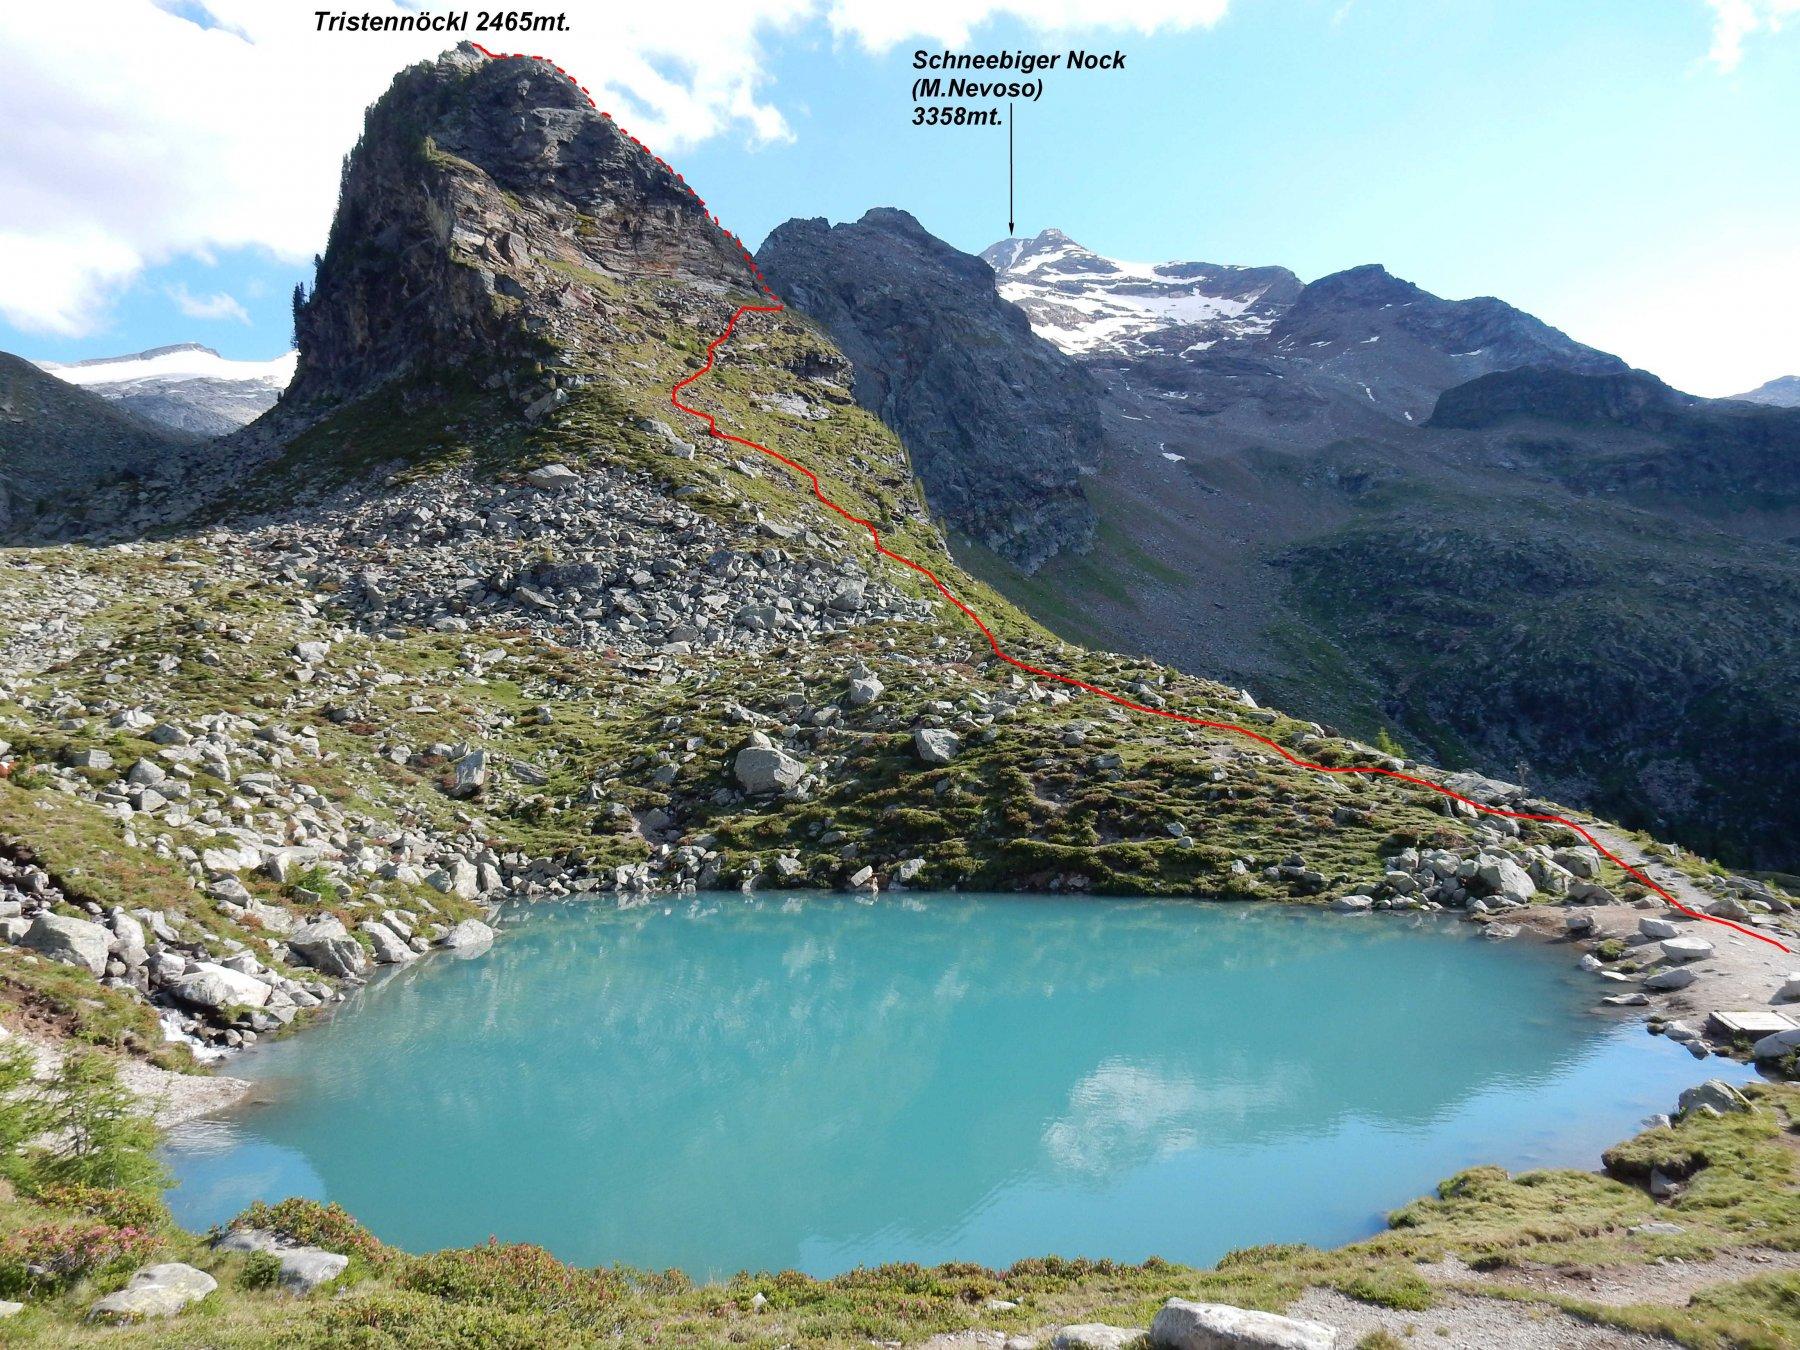 La traccia in rosso di salita,vista dal laghetto sopra la Kasseler Hutte.